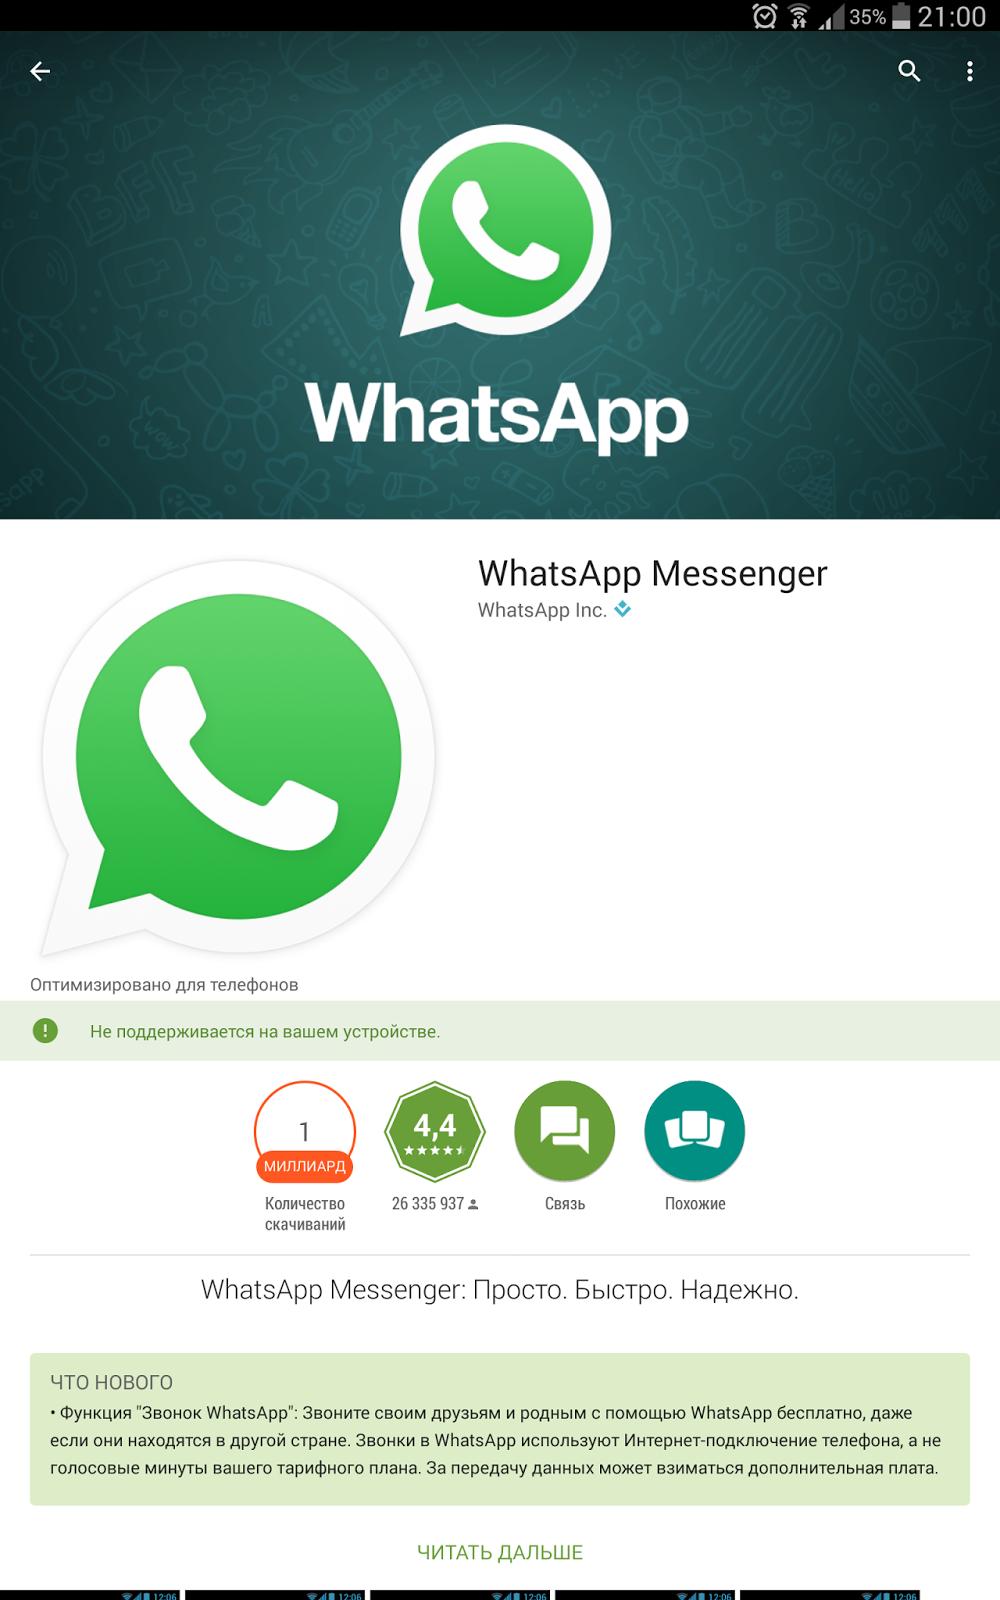 Как восстановить удаленные сообщения в контакте